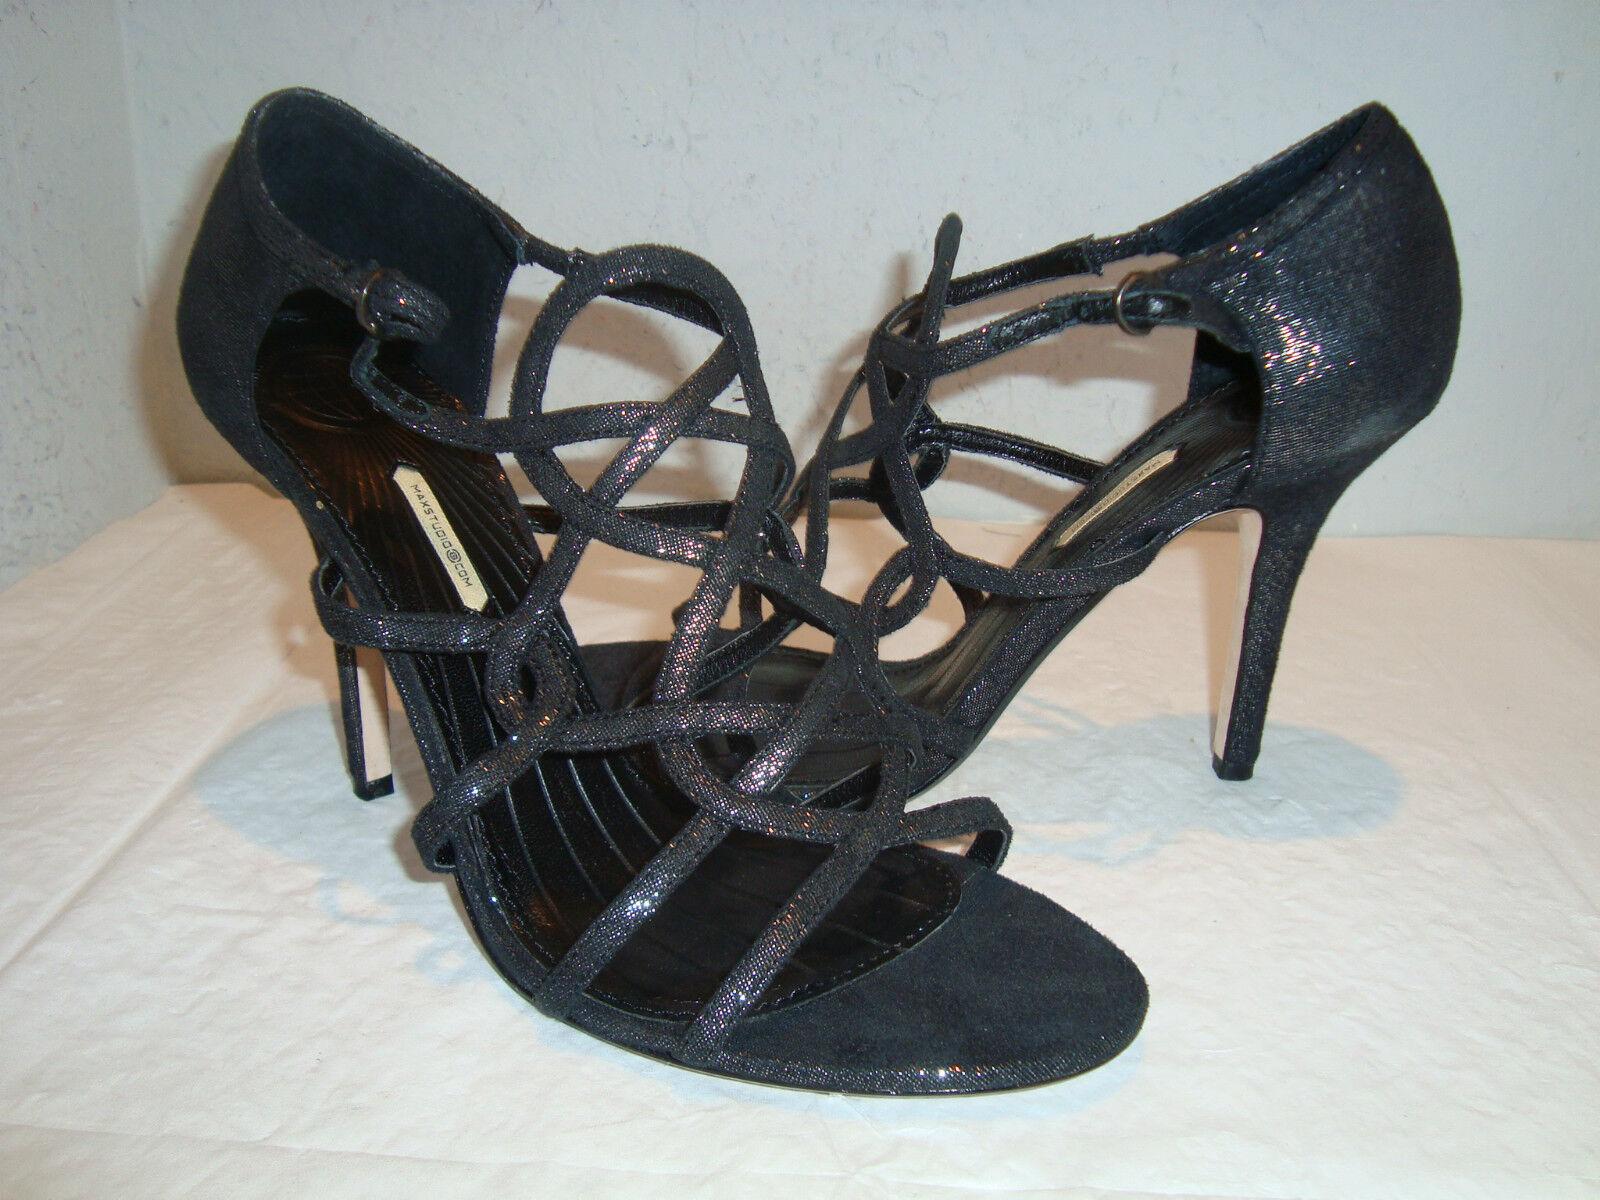 Nuevo Max Studio Negro Negro Negro Metálico Para Mujer Zapatos Sandalias De Tiras 8.5 Mediana  barato en alta calidad